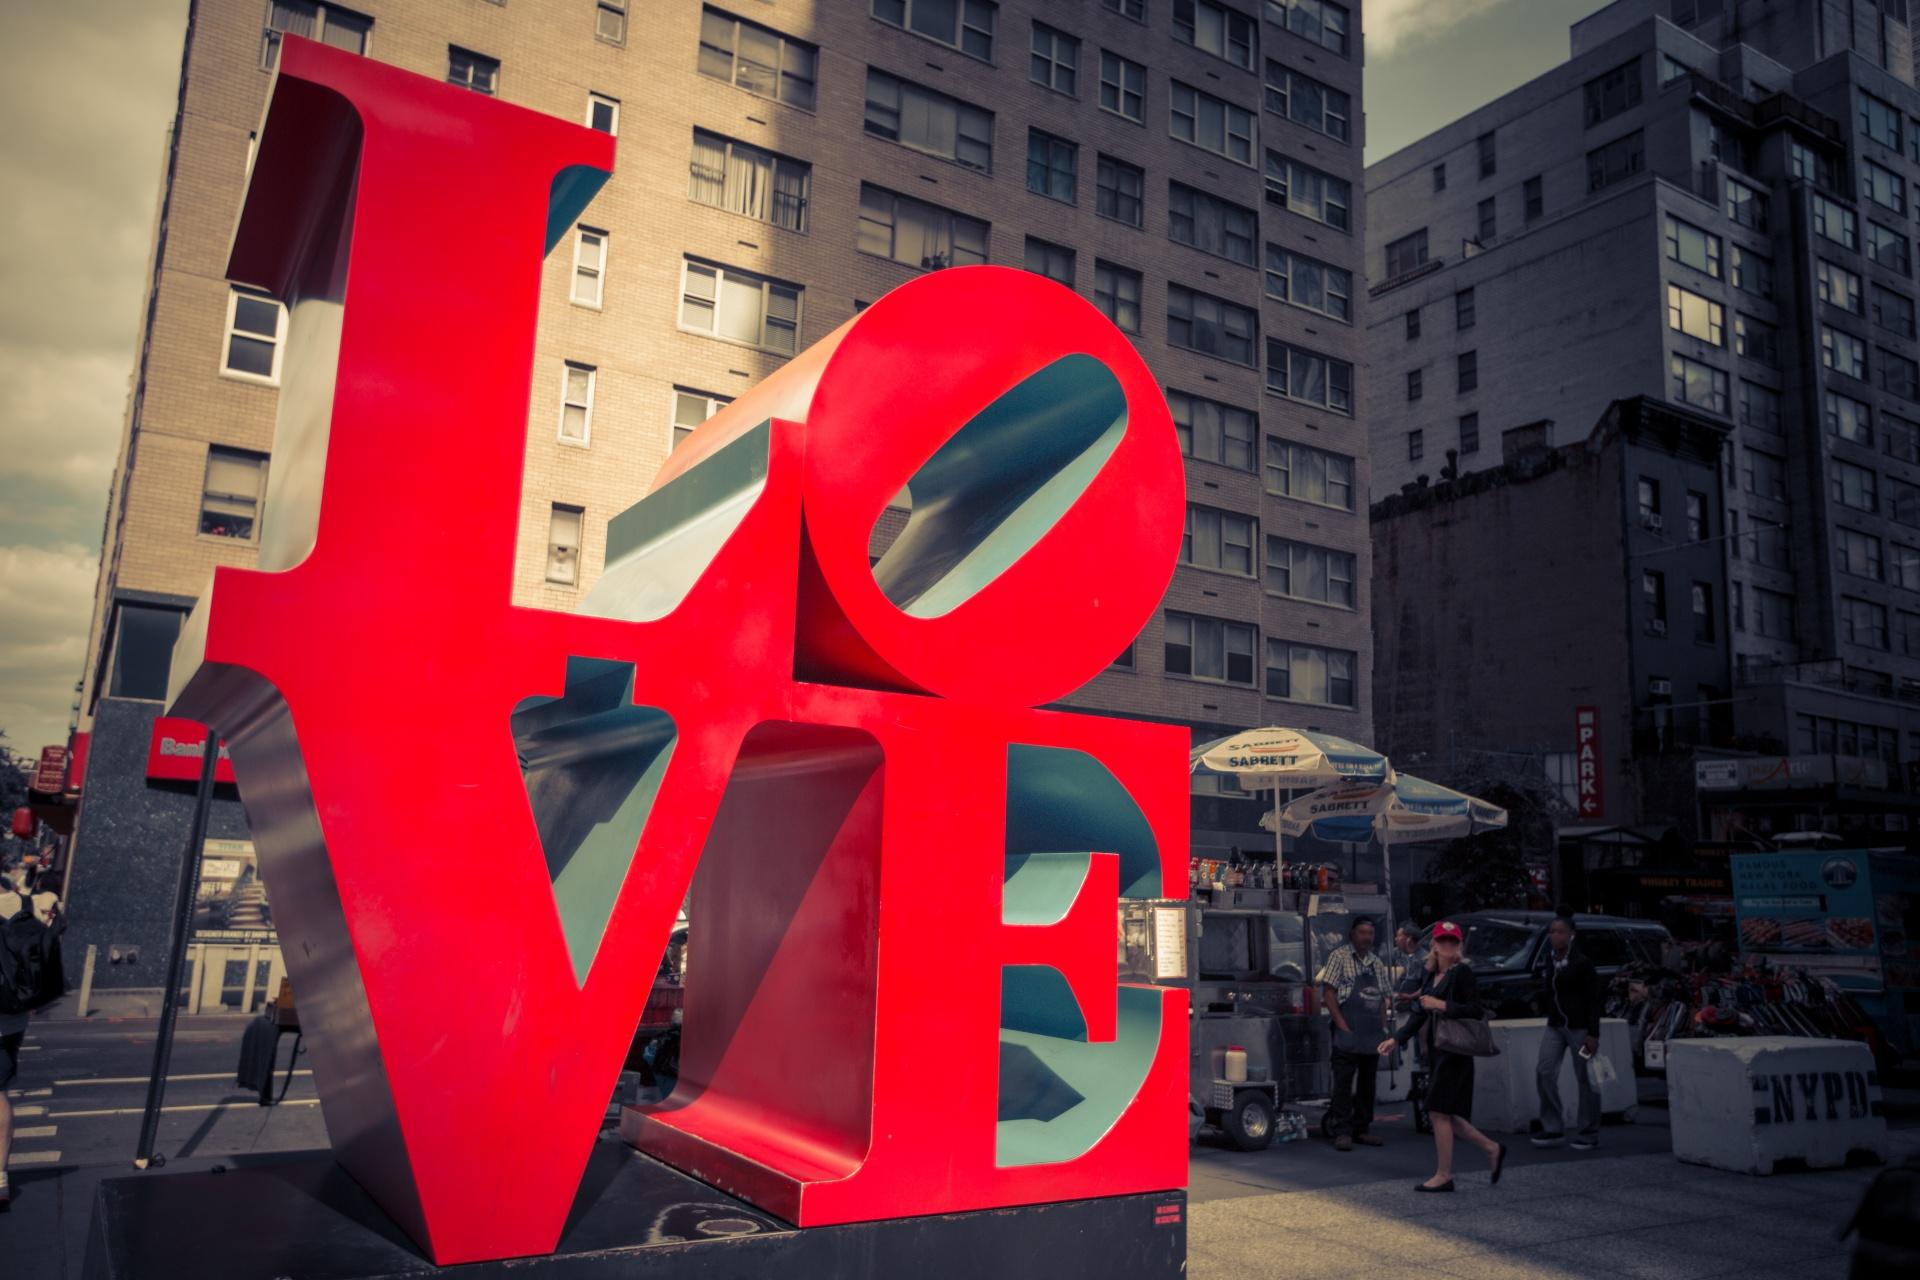 love-sculpture-1506356466qyT.jpg